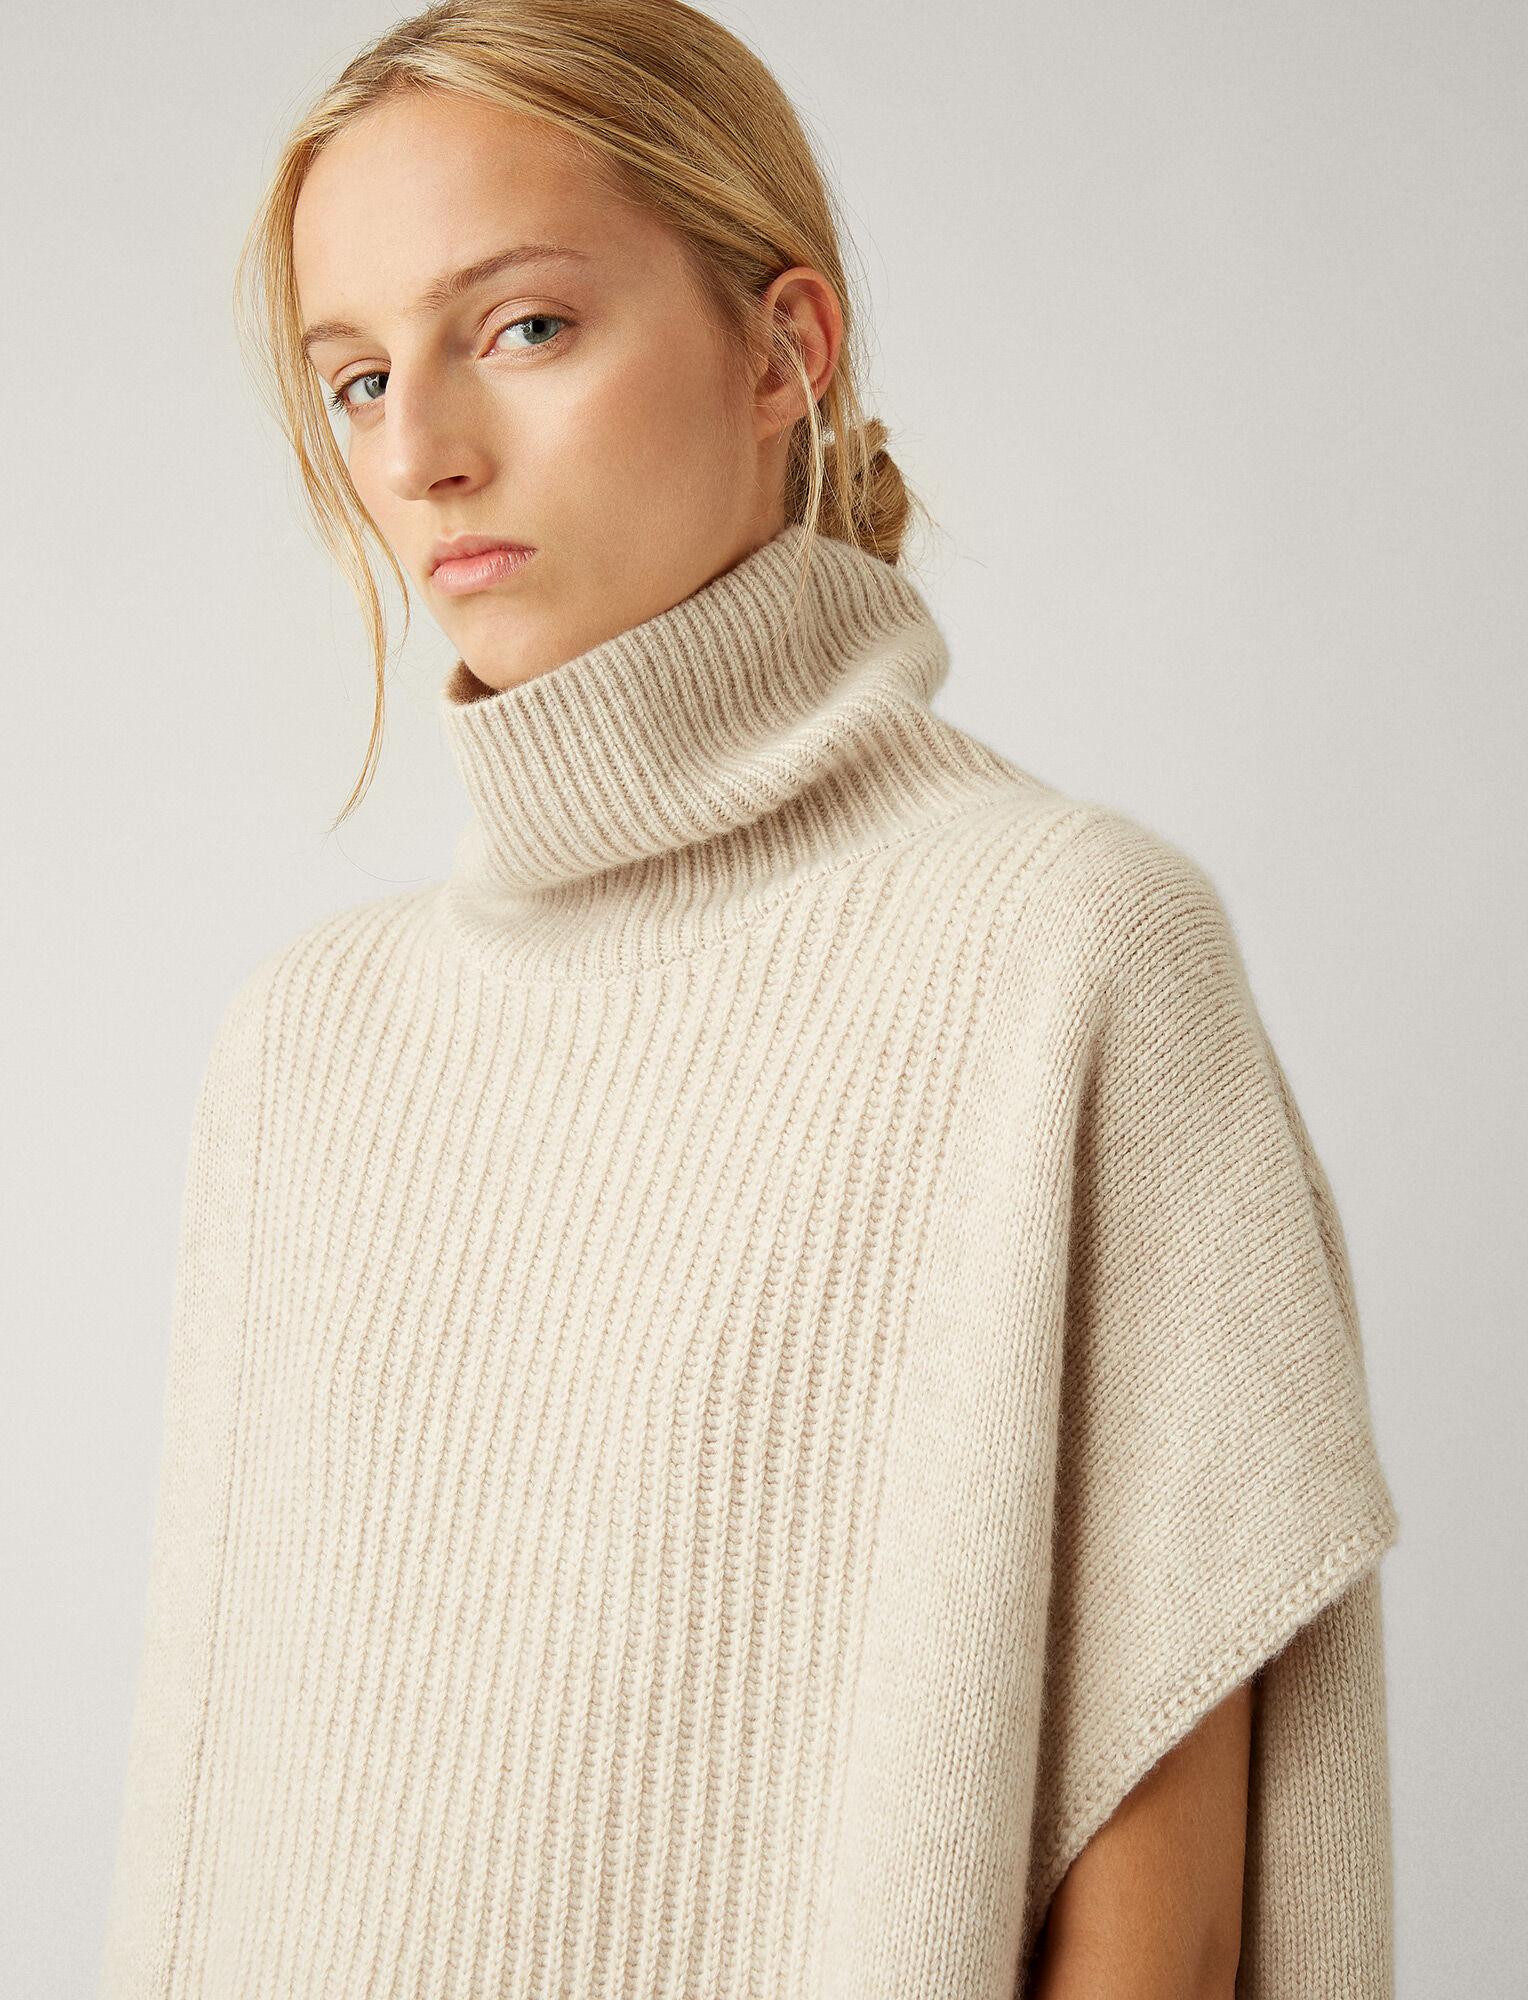 Joseph, Poncho Cashmere Luxe Knit, in MASTIC